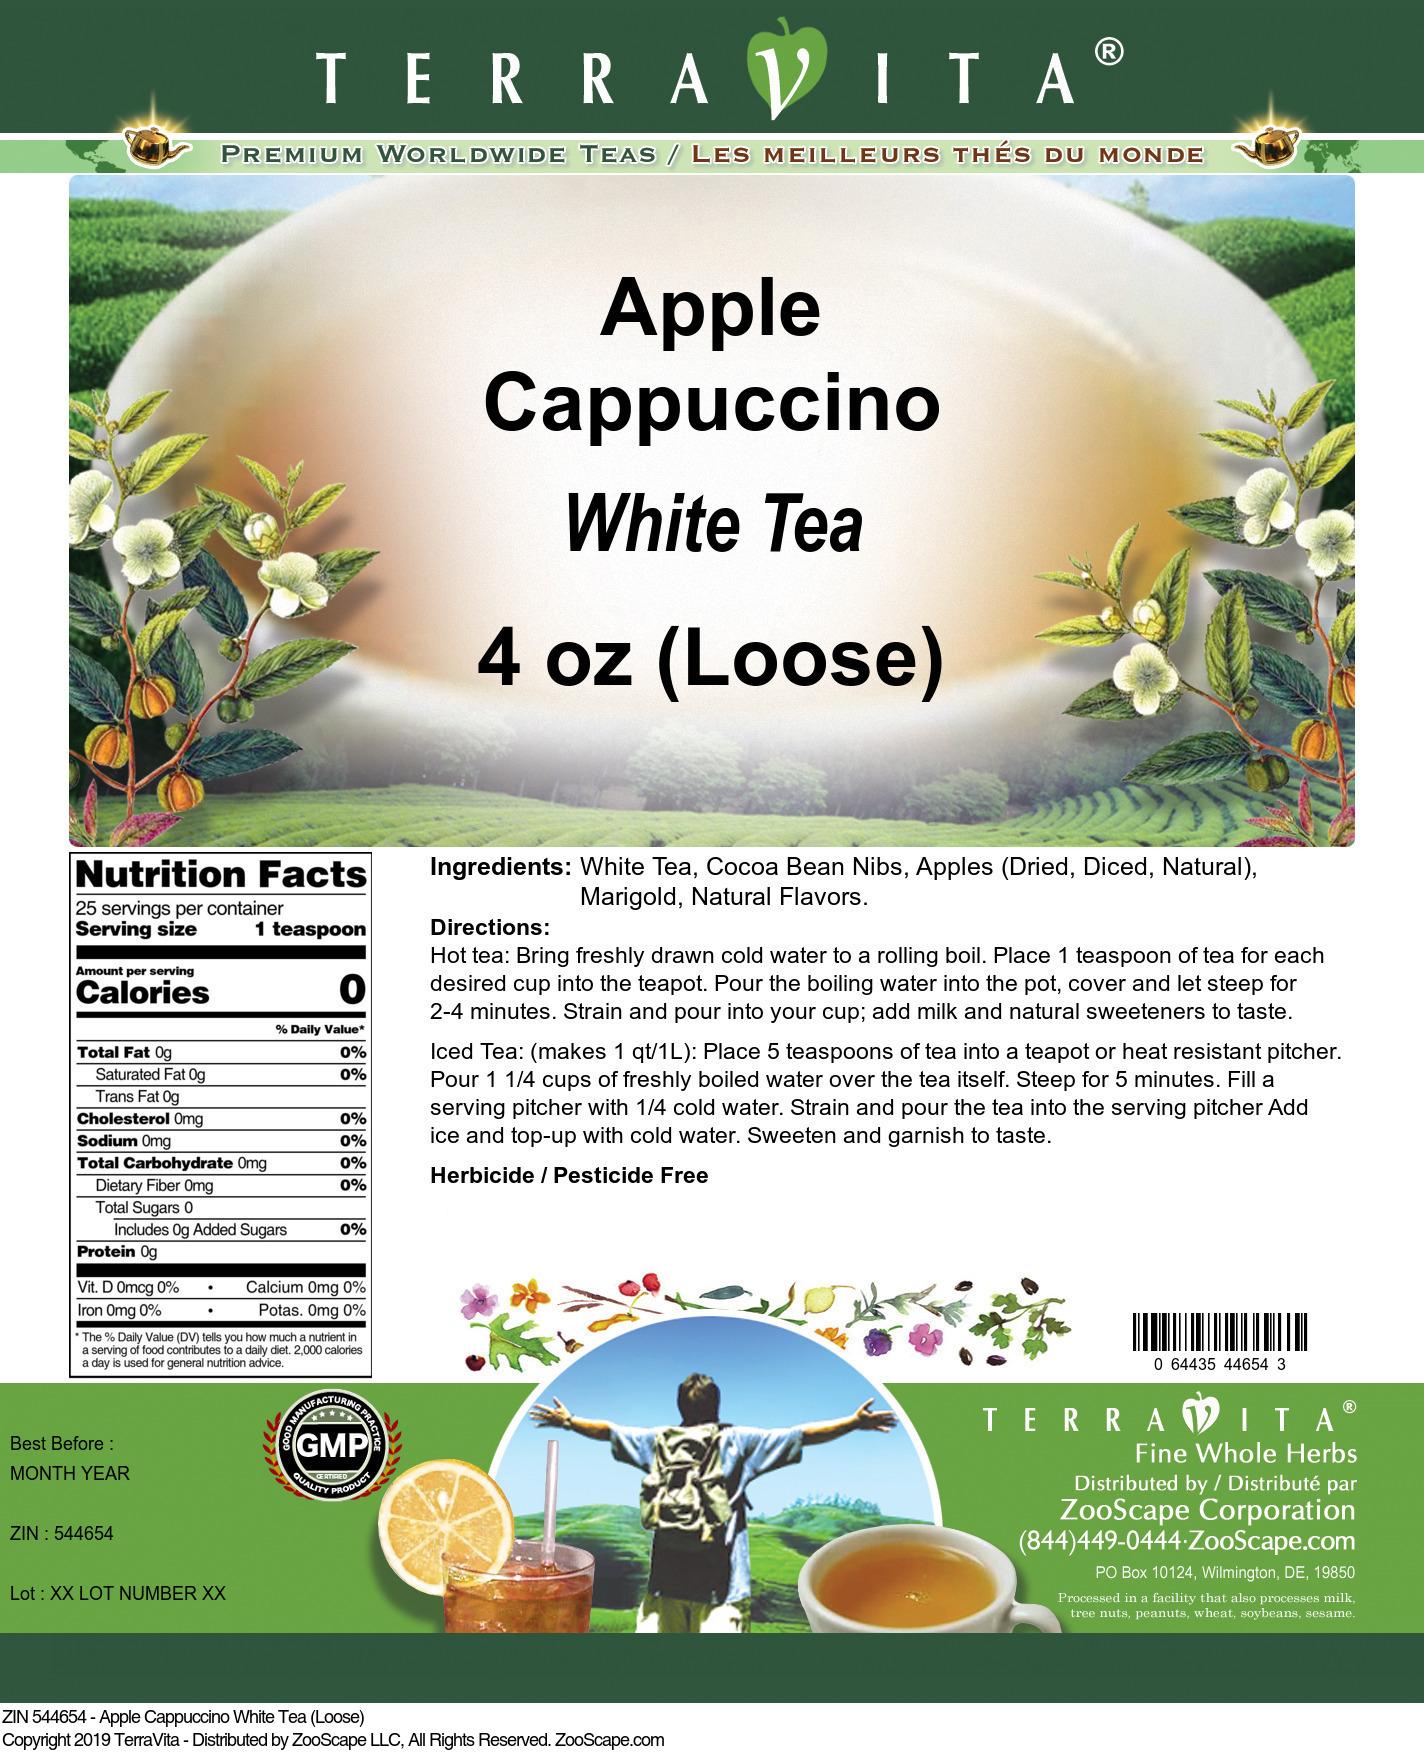 Apple Cappuccino White Tea